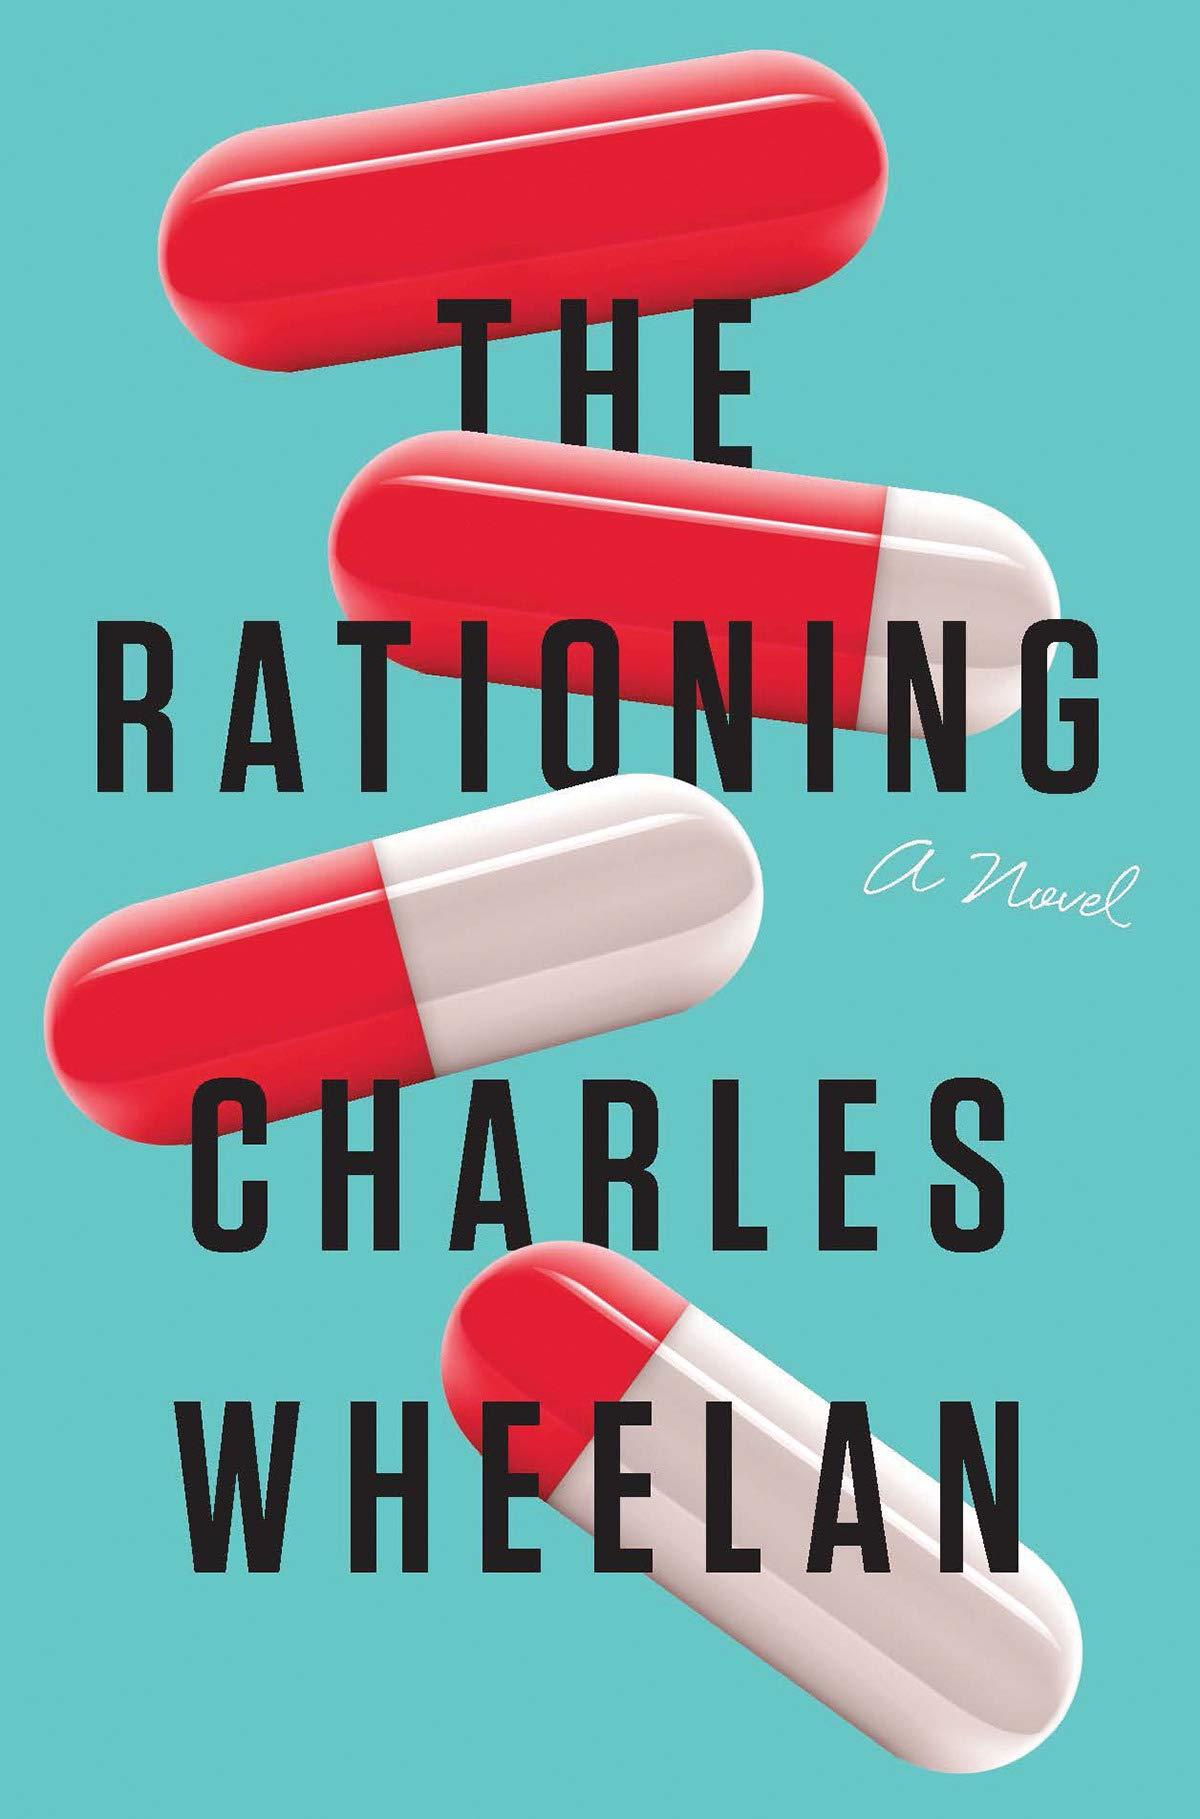 Charles Wheelan, <em>The Rationing</em>, design by Jason Ramirez, Art Direction by Sergei Korolko (Norton, May 21)